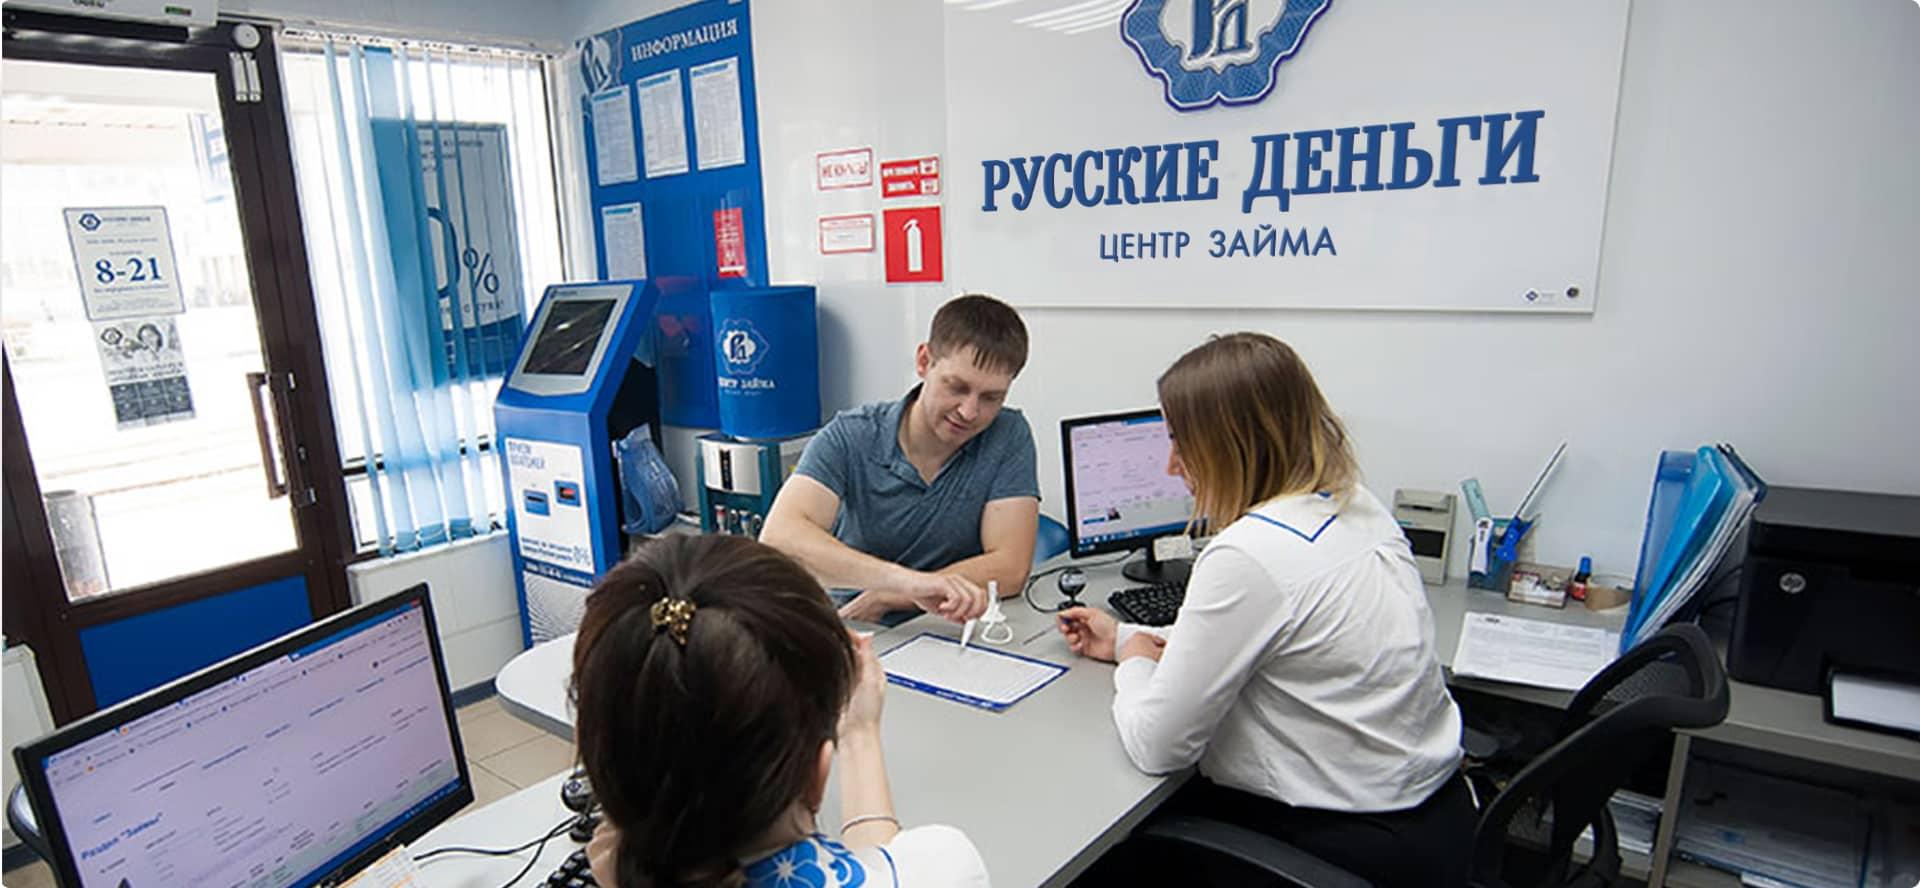 Русские деньги займ личный кабинет вход